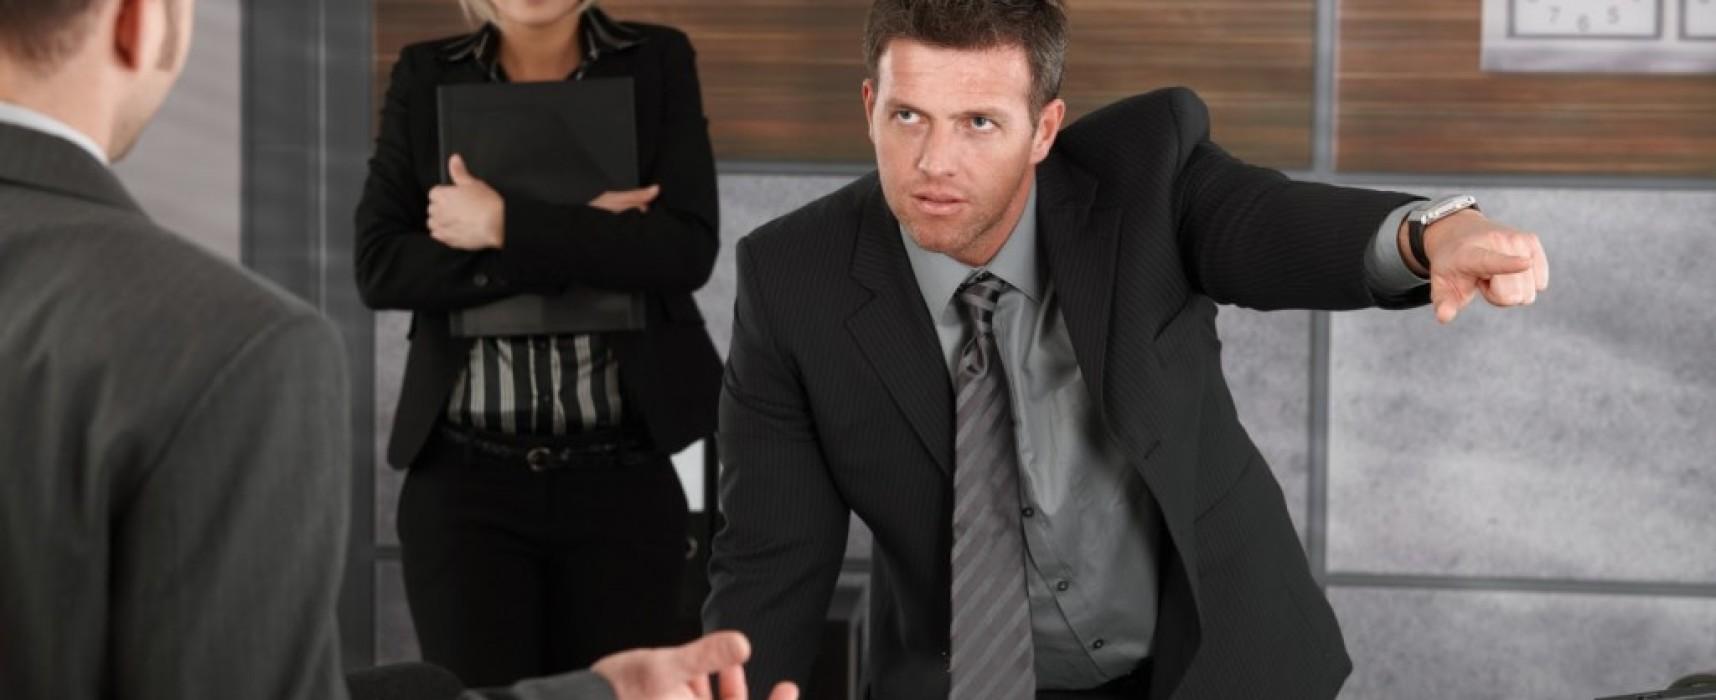 Неправильное основание при увольнении: как избежать типичных ошибок